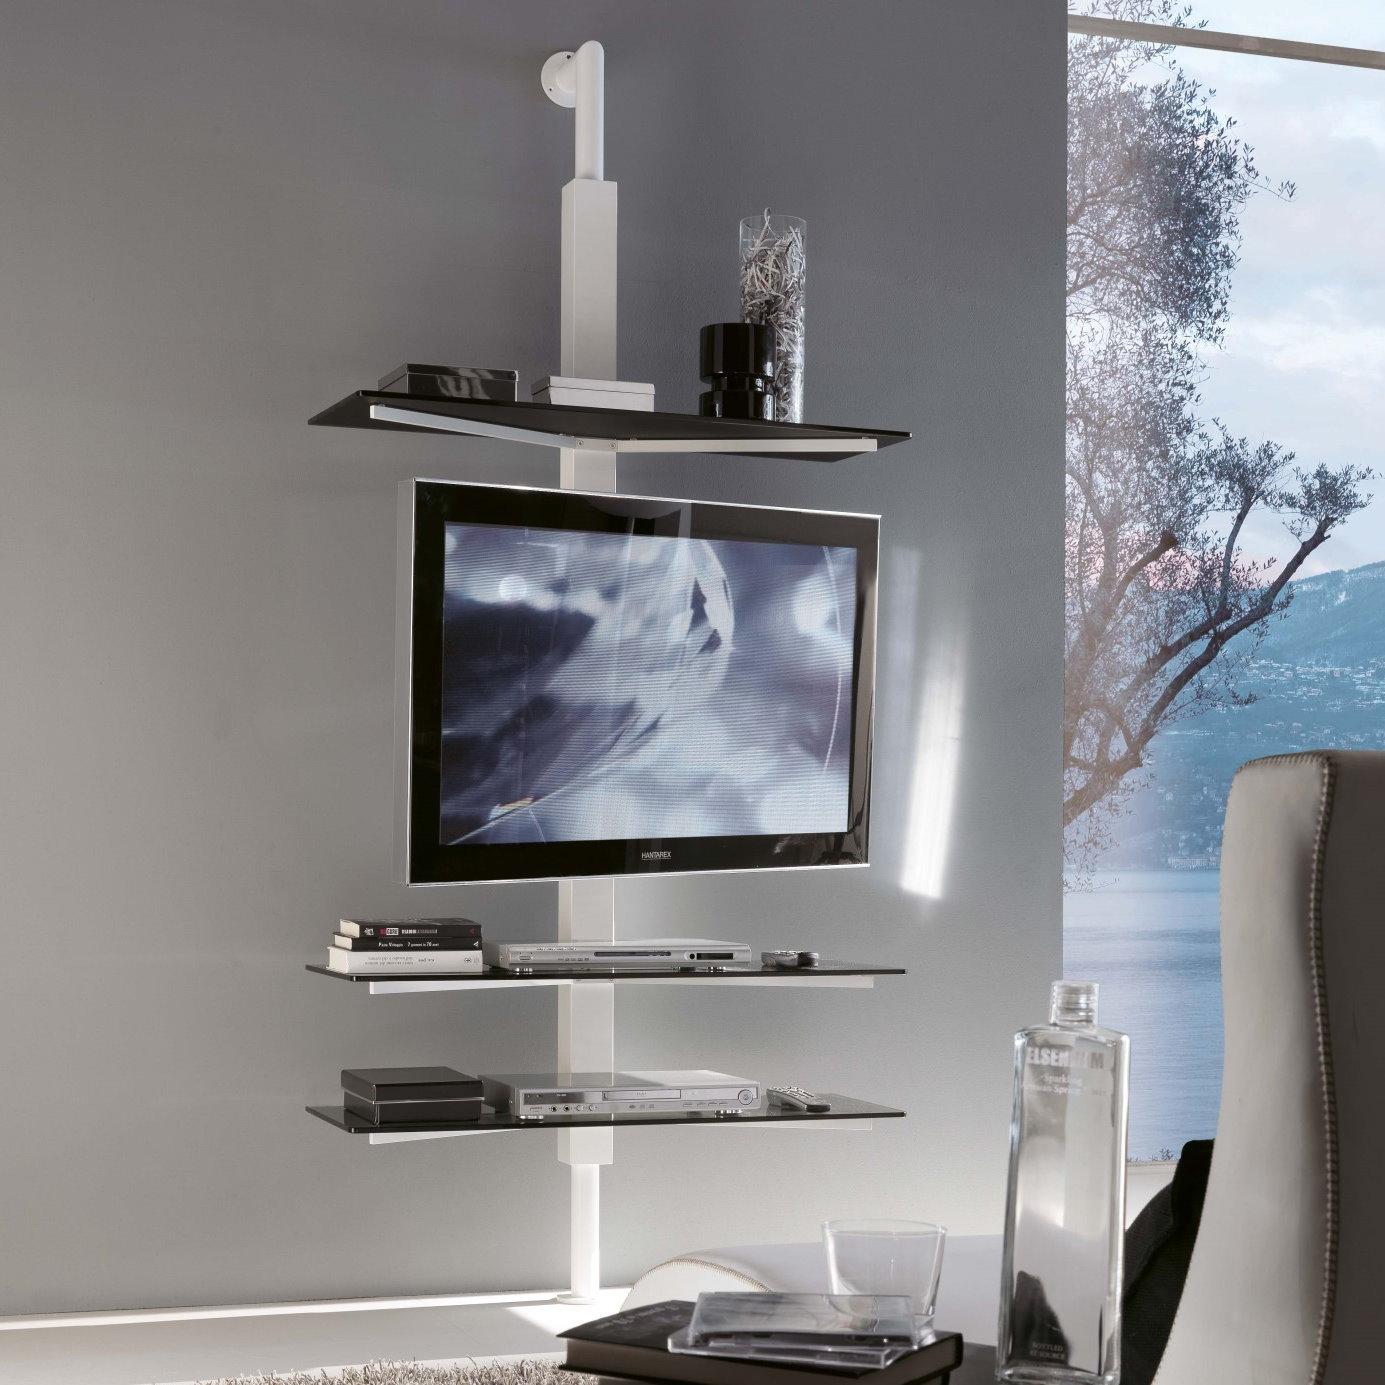 idee porta tv : ARREDACLICK BLOG - Come arredare un monolocale: idee, consigli e ...